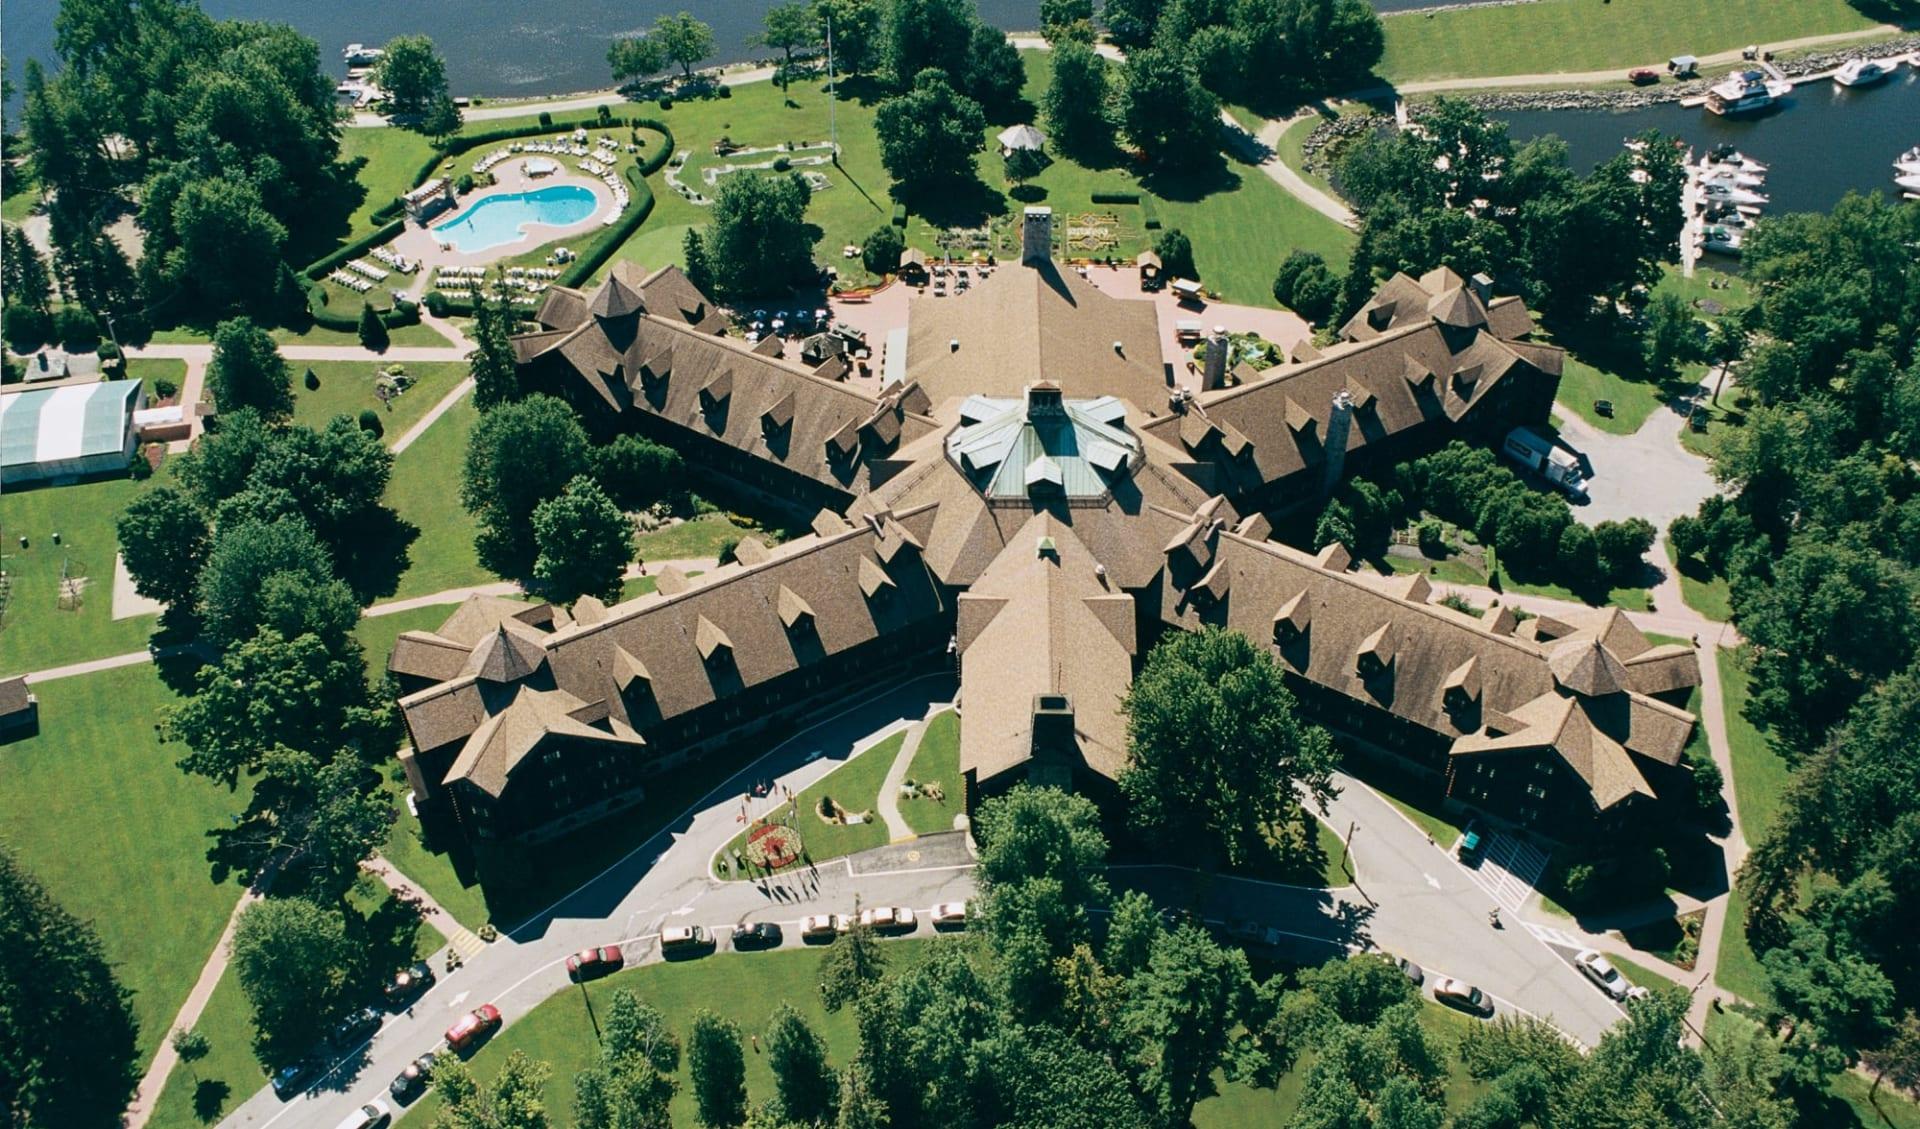 Fairmont Le Chateau Montebello:  Fairmont Le Château Montebello_AerialView